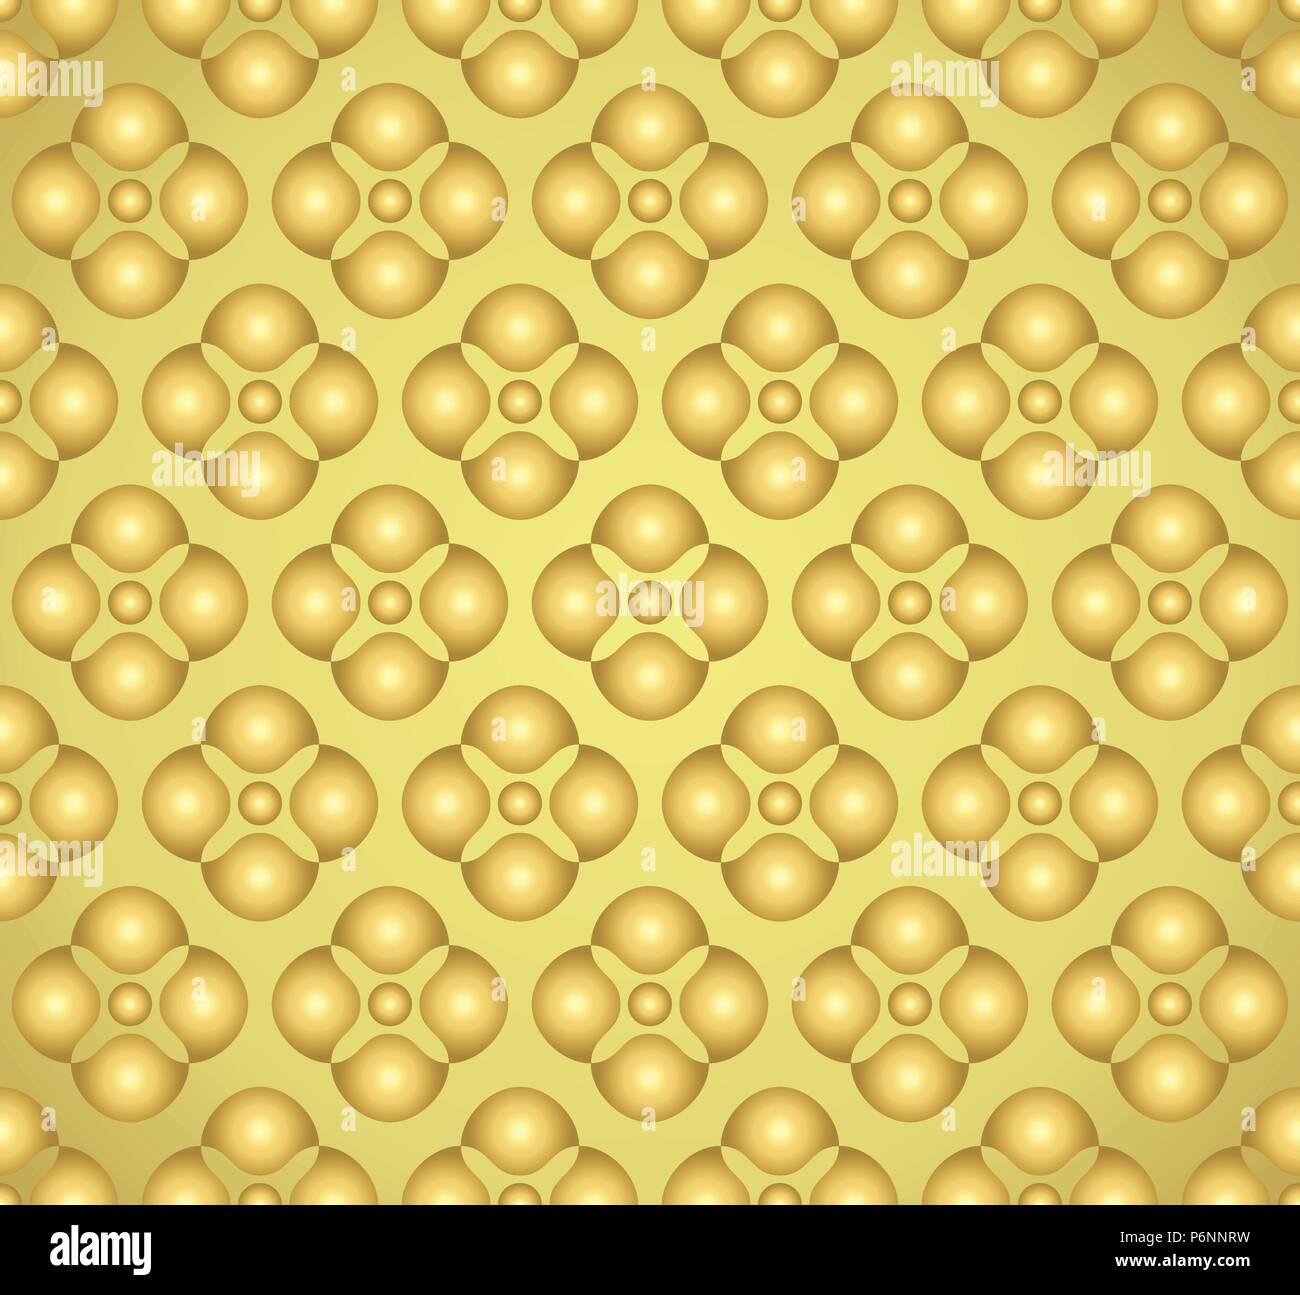 Gold abstrakte Blüten und kleinen Kreis nahtlose Muster auf hellen Hintergrund. Vintage und süßem Blumenmuster für moderne oder Grafik Design. Stockbild